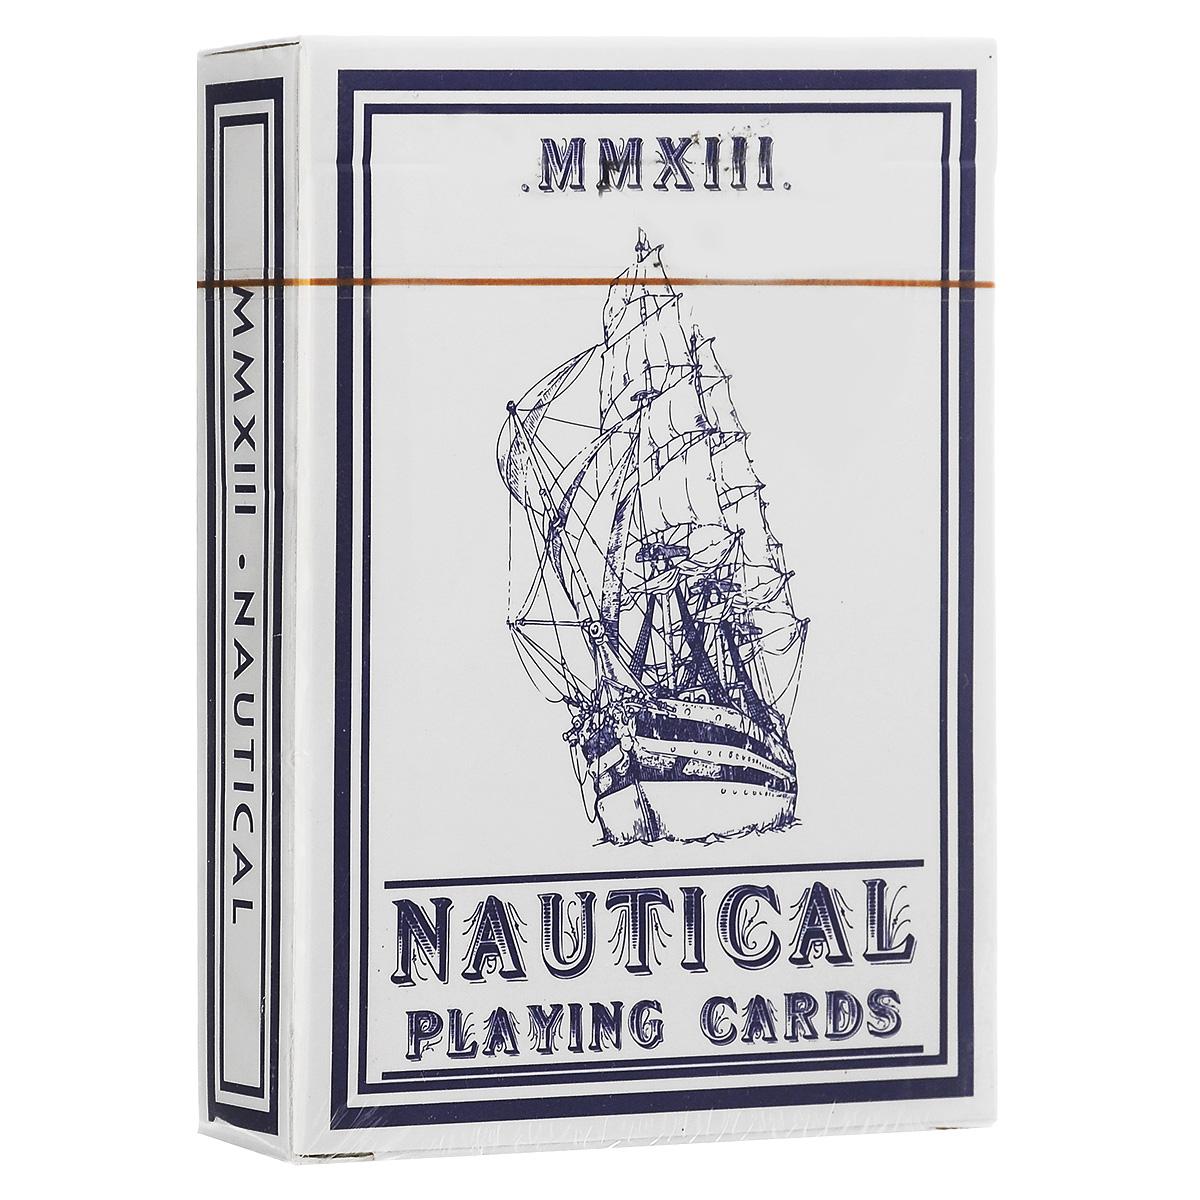 Навигационные игральные карты House of Playing Cards, цвет: синийК-317Навигационная колода - детище художника Эдо Хуана, по дизайну напоминающая классические колоды Bee. Все в этой колоде вдохновлено морем. Джокер-корабль завершает композицию из якорных канатов, которые являются связующим элементом всех карт колоды. Чем больше карты используются, тем удобнее с ними выступать. В каждой колоде вы найдете специальную дизайнерскую карту.